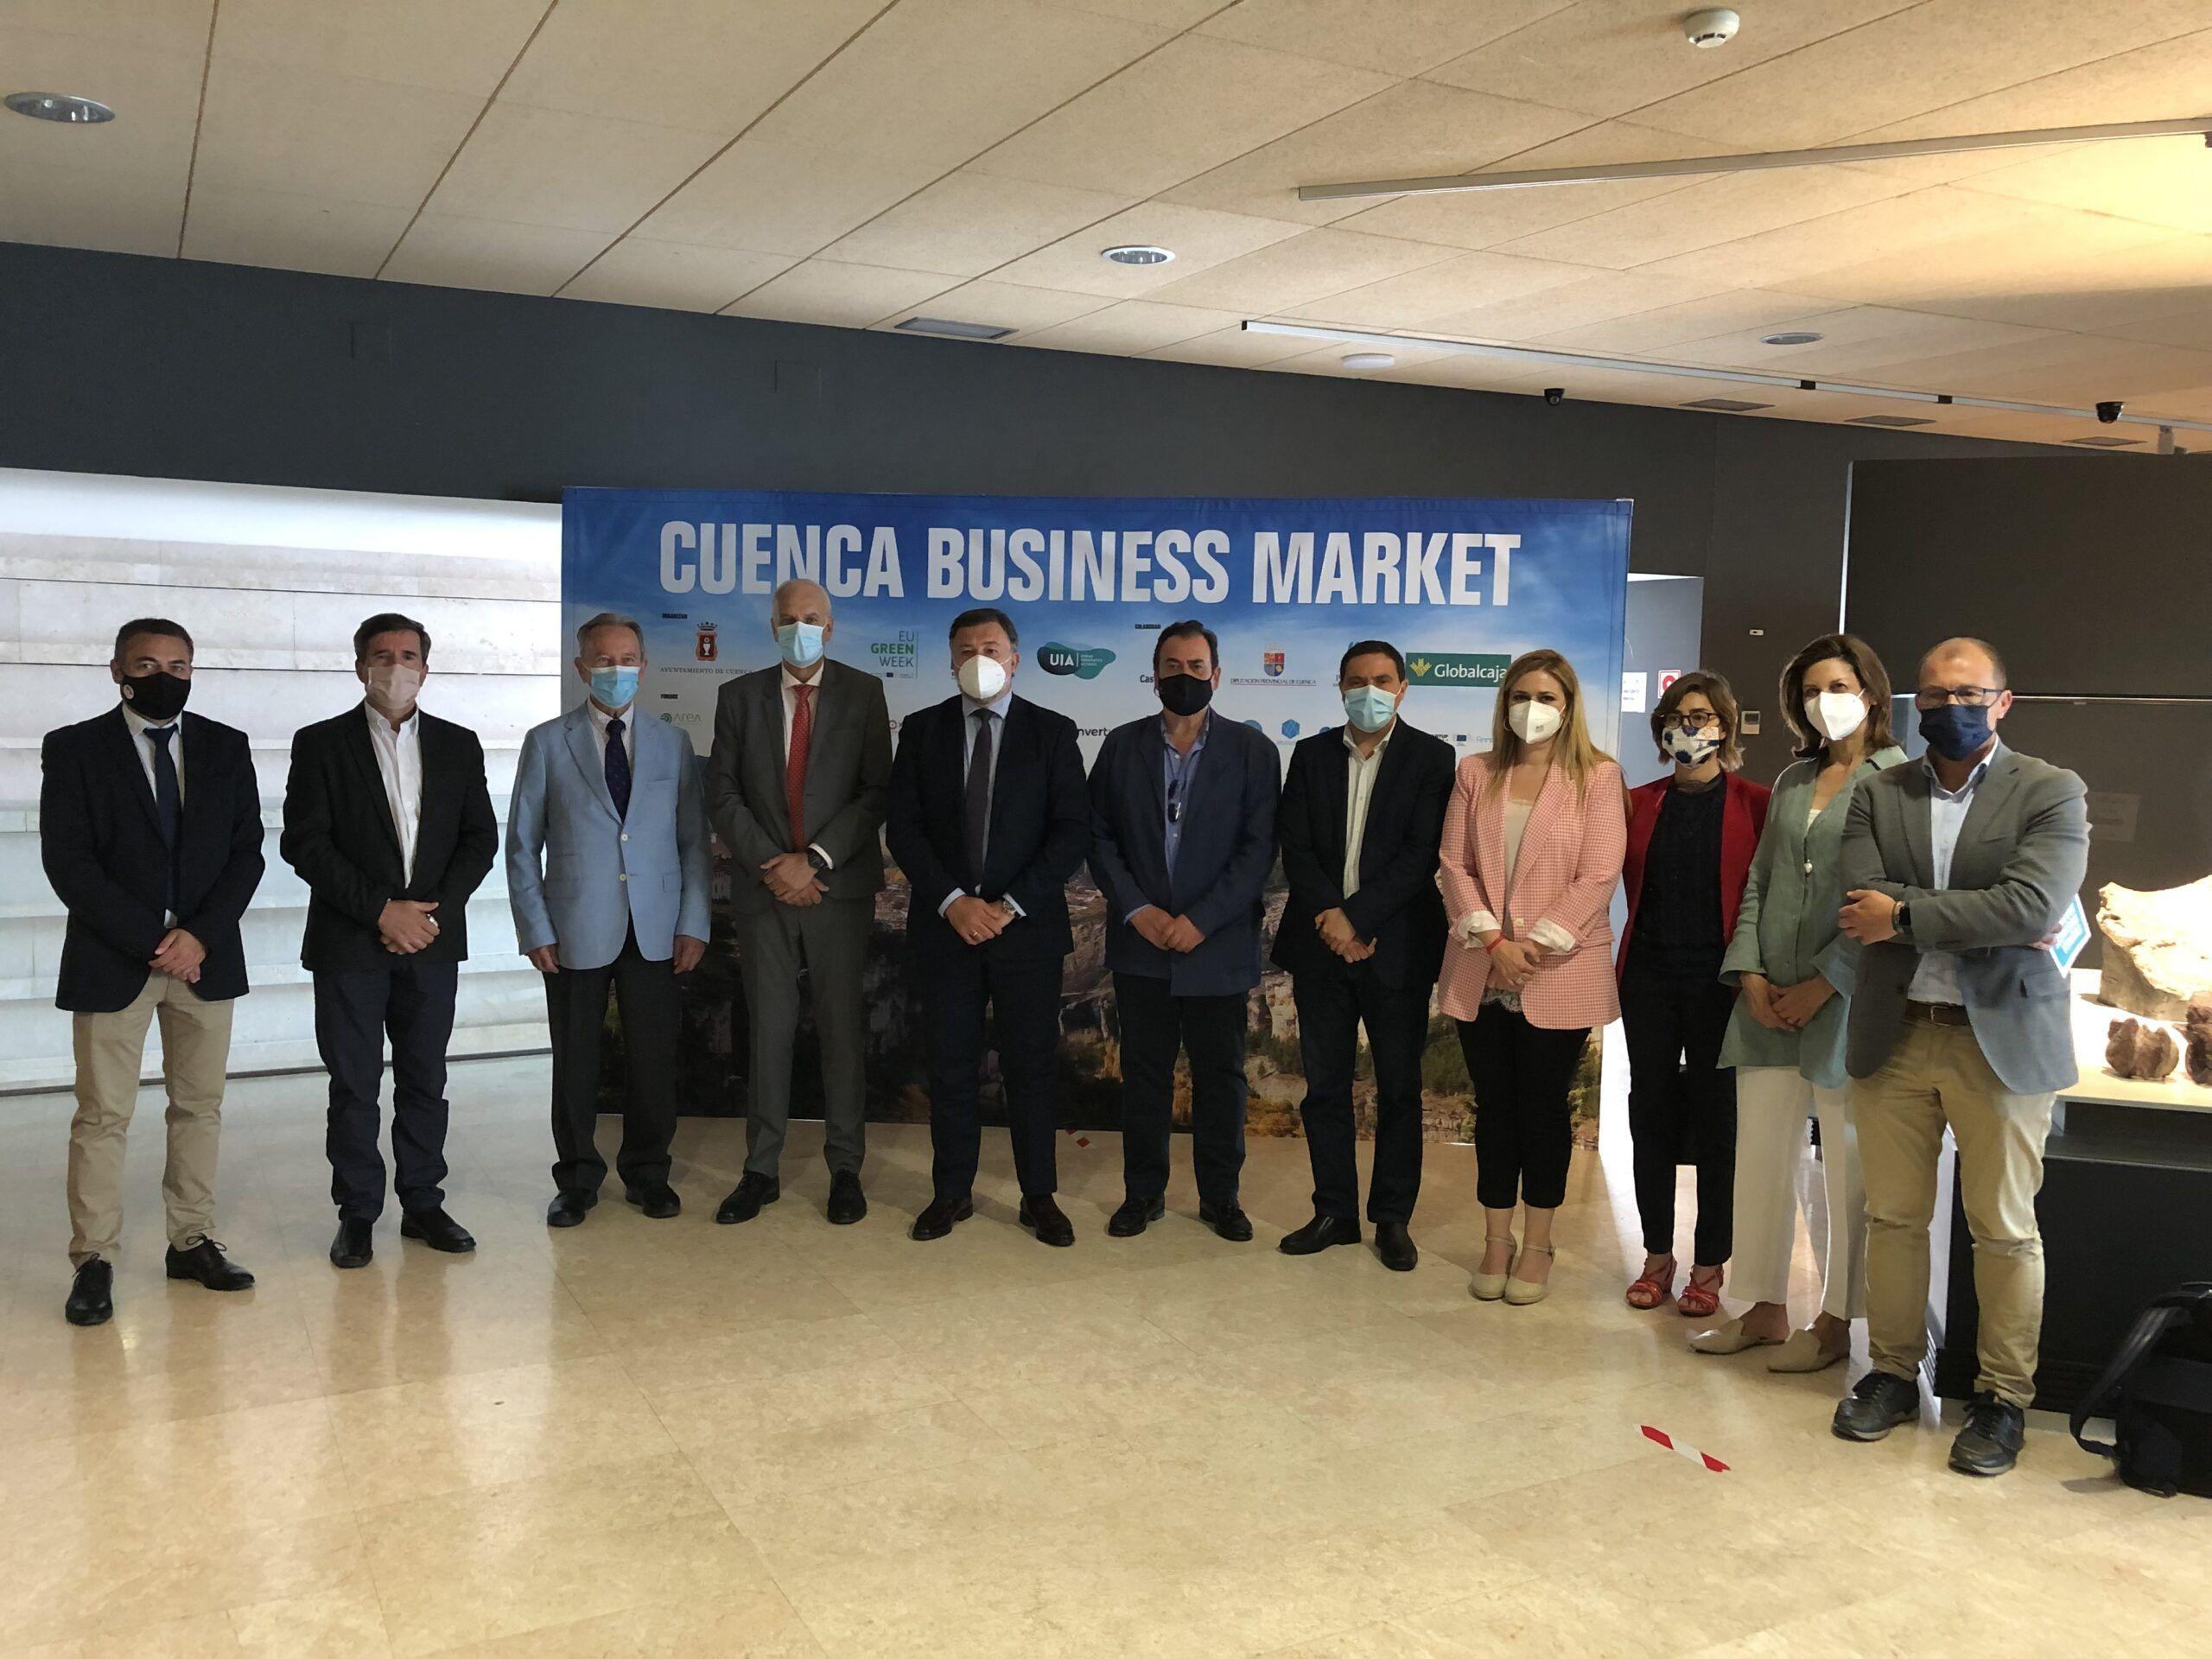 Arranca Cuenca Business Market con presencia de fondos de inversión con un capital de 100 millones para financiar proyectos en la ciudad